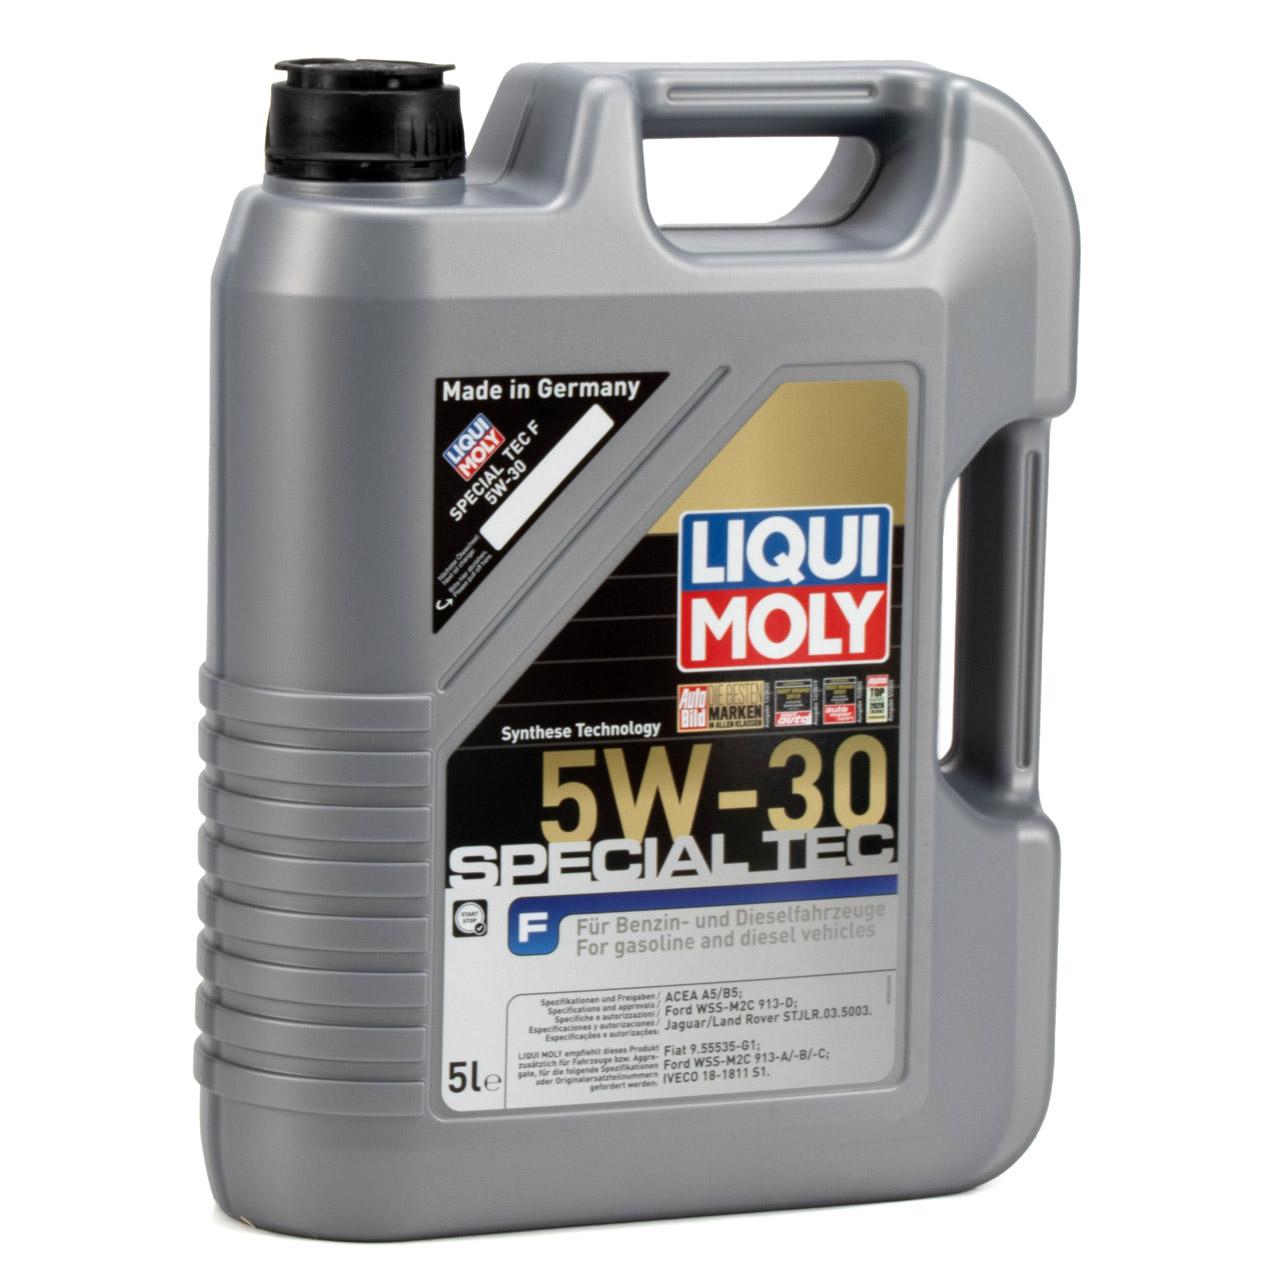 LIQUI MOLY Motoröl Öl SPECIAL TEC F 5W-30 5W30 Ford WSS-M2C913-D - 5L 5 Liter